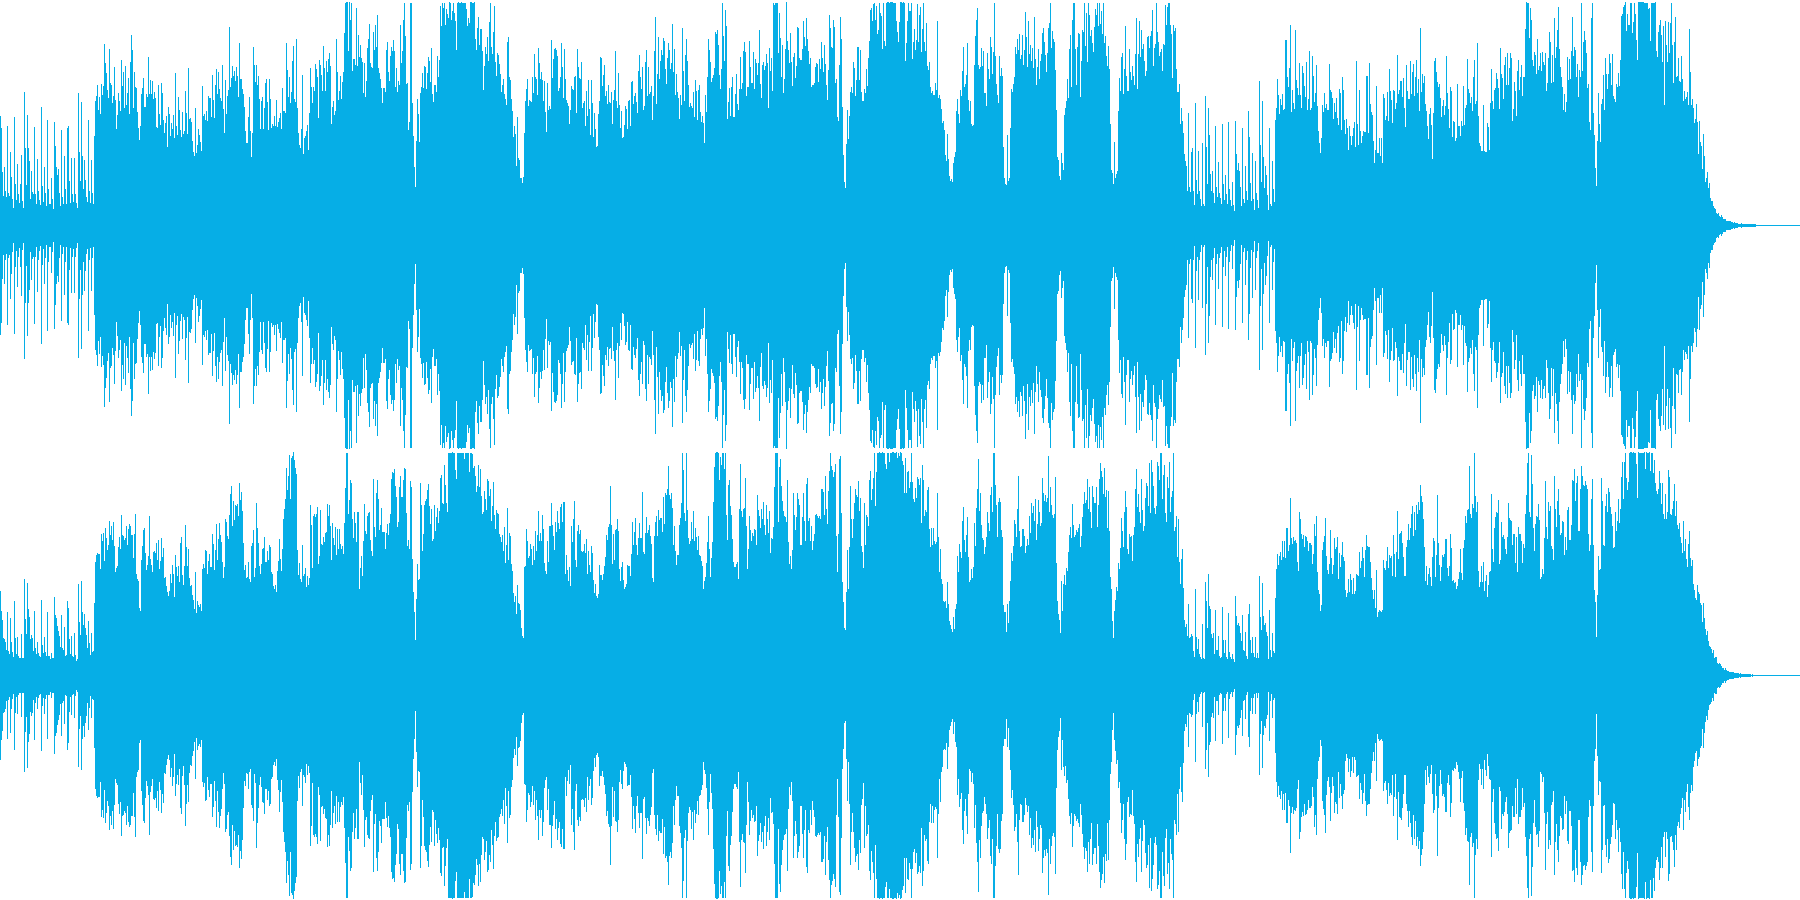 尺八が奏でる感動的なバラードの再生済みの波形